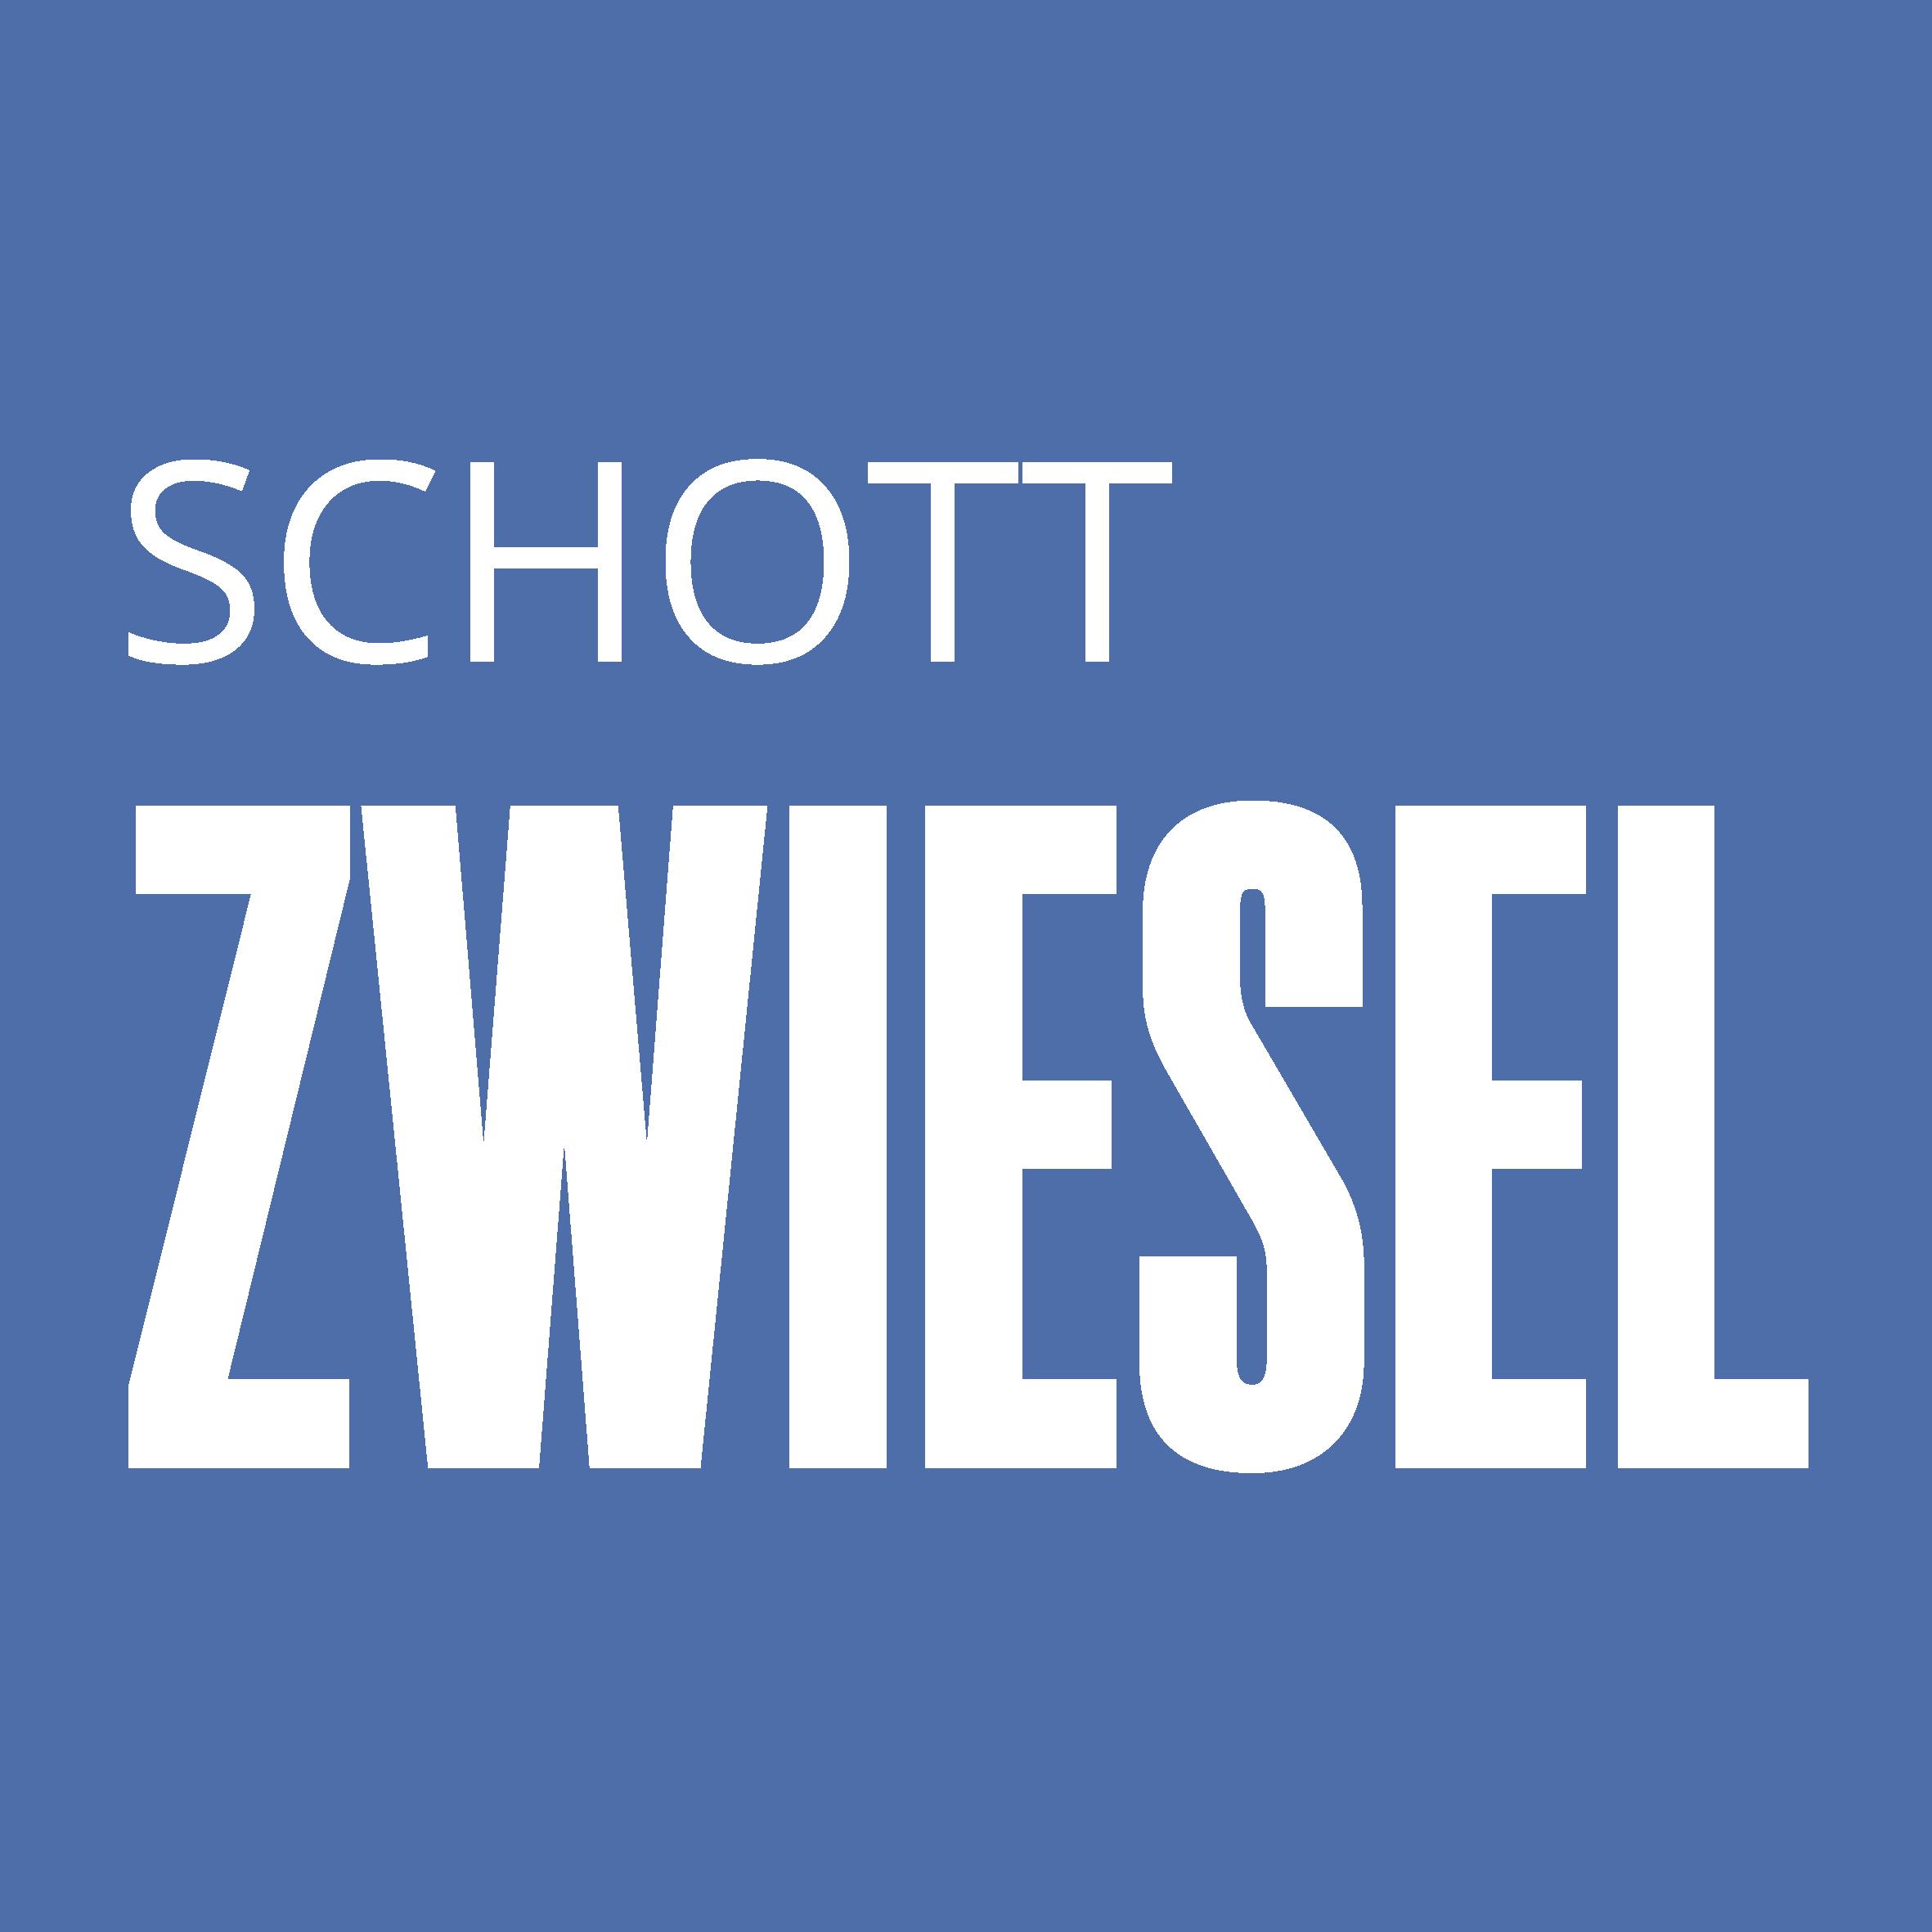 SCHOTT-ZWIESEL